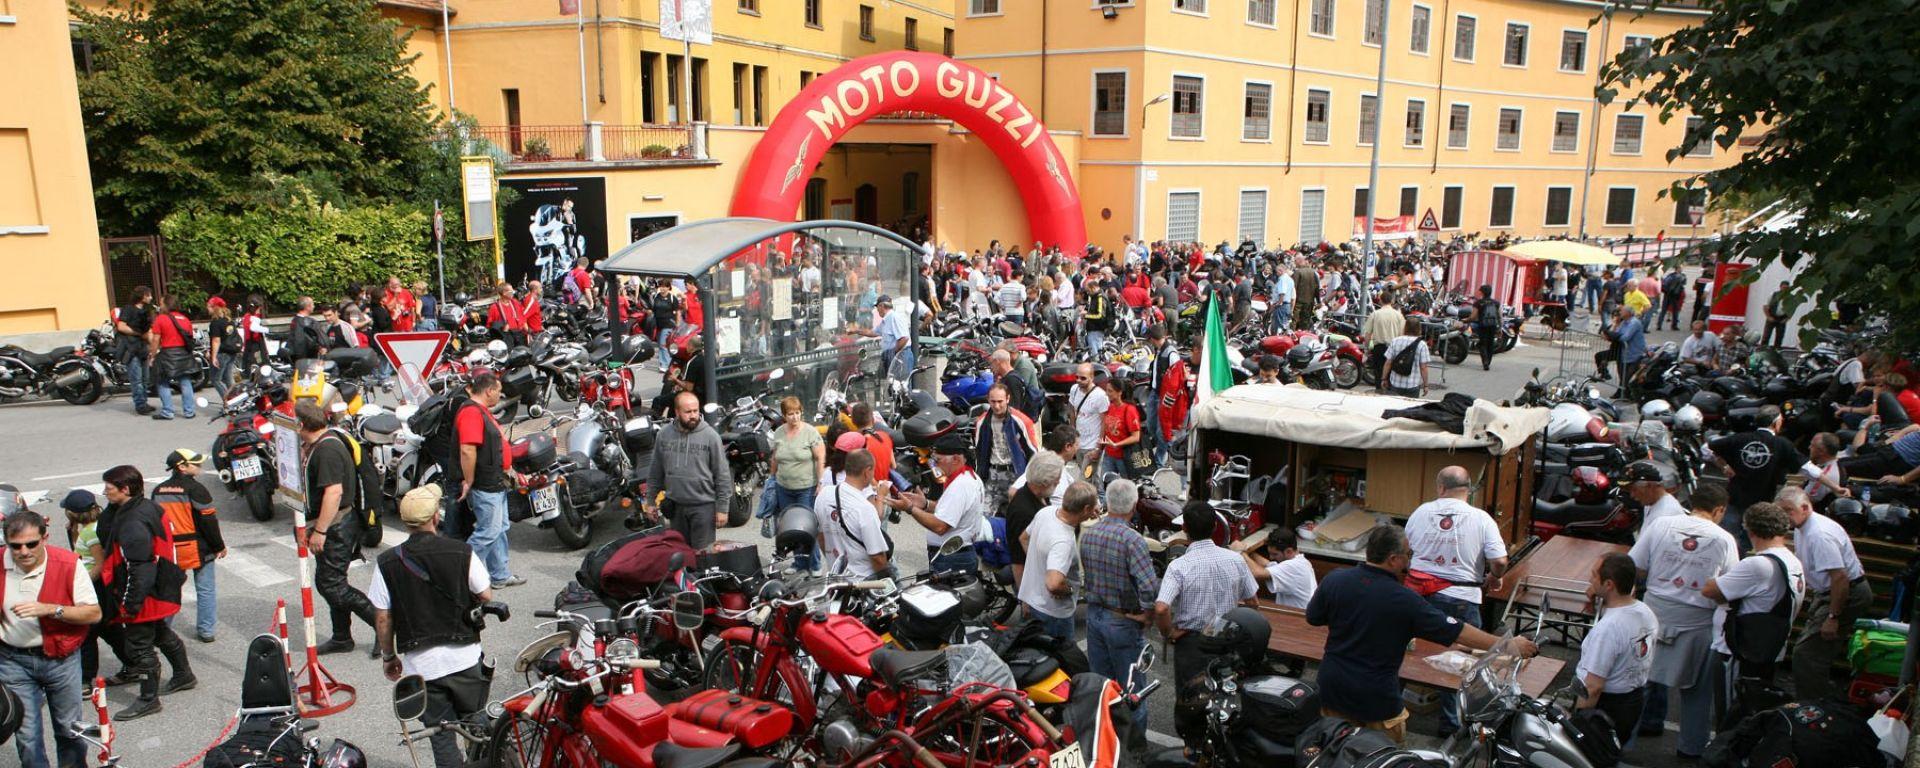 Moto Guzzi Open House 9-11 settembre 2016